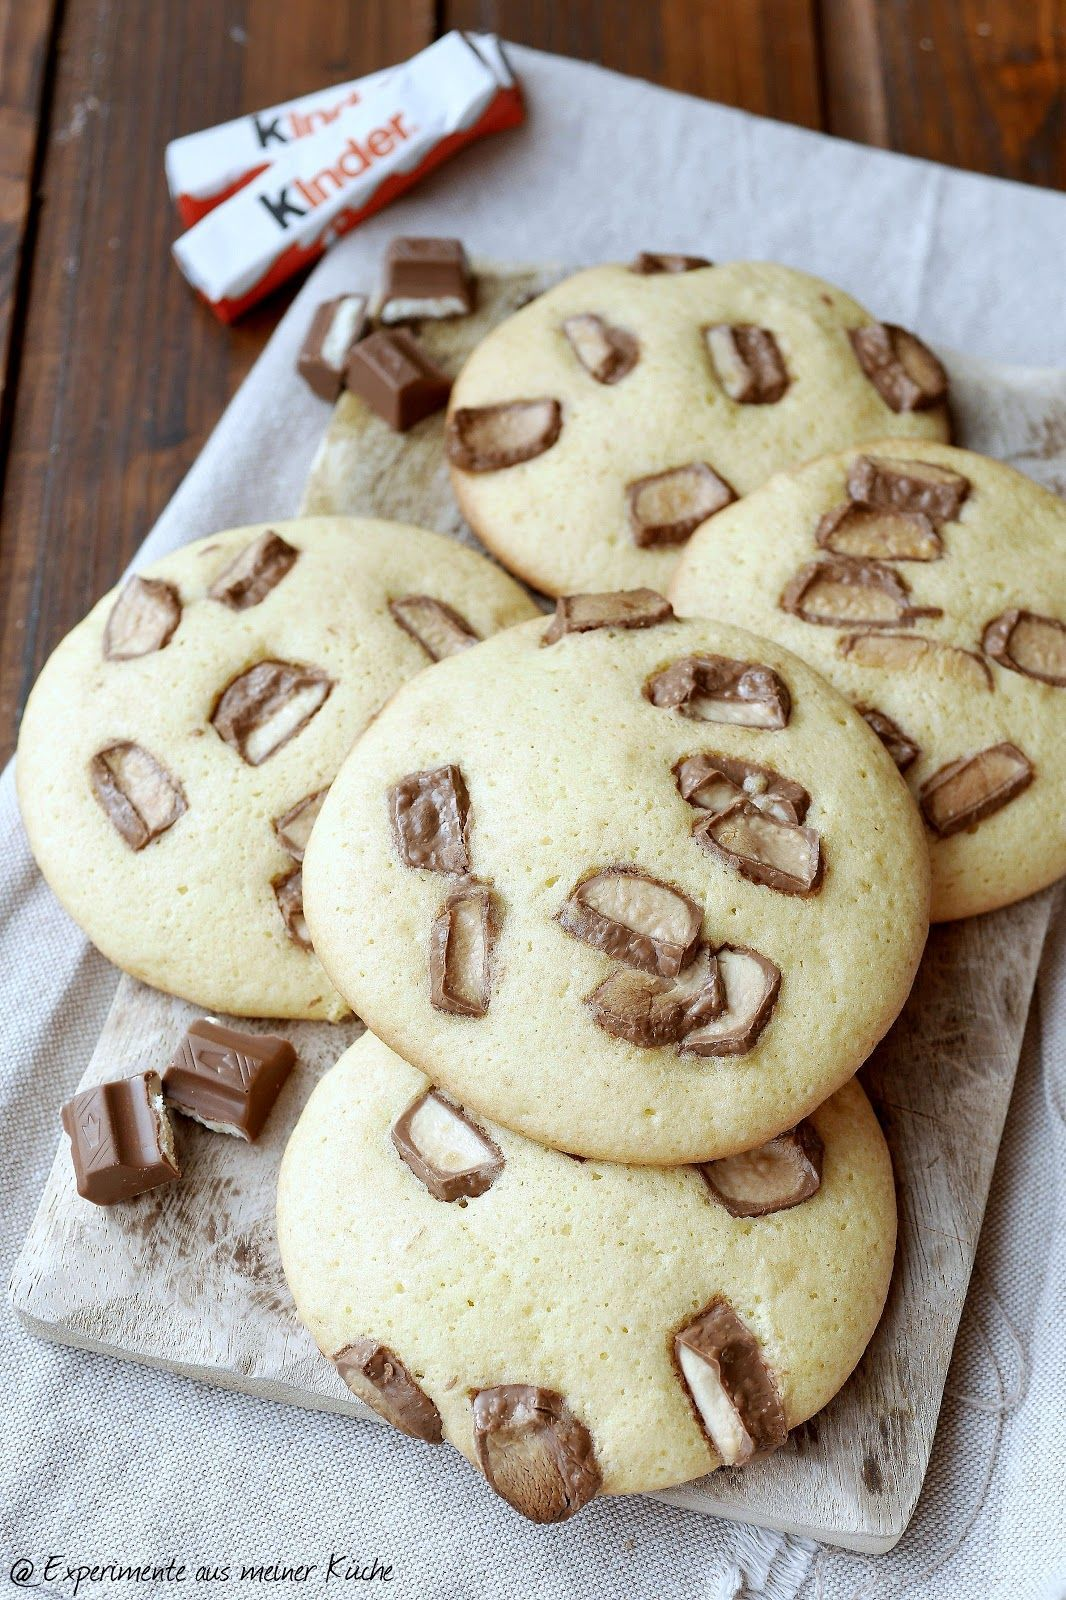 kinder Schokolade  Cookies Gewinnspiel Experimente aus meiner Küche kinder Schokolade  Cookies